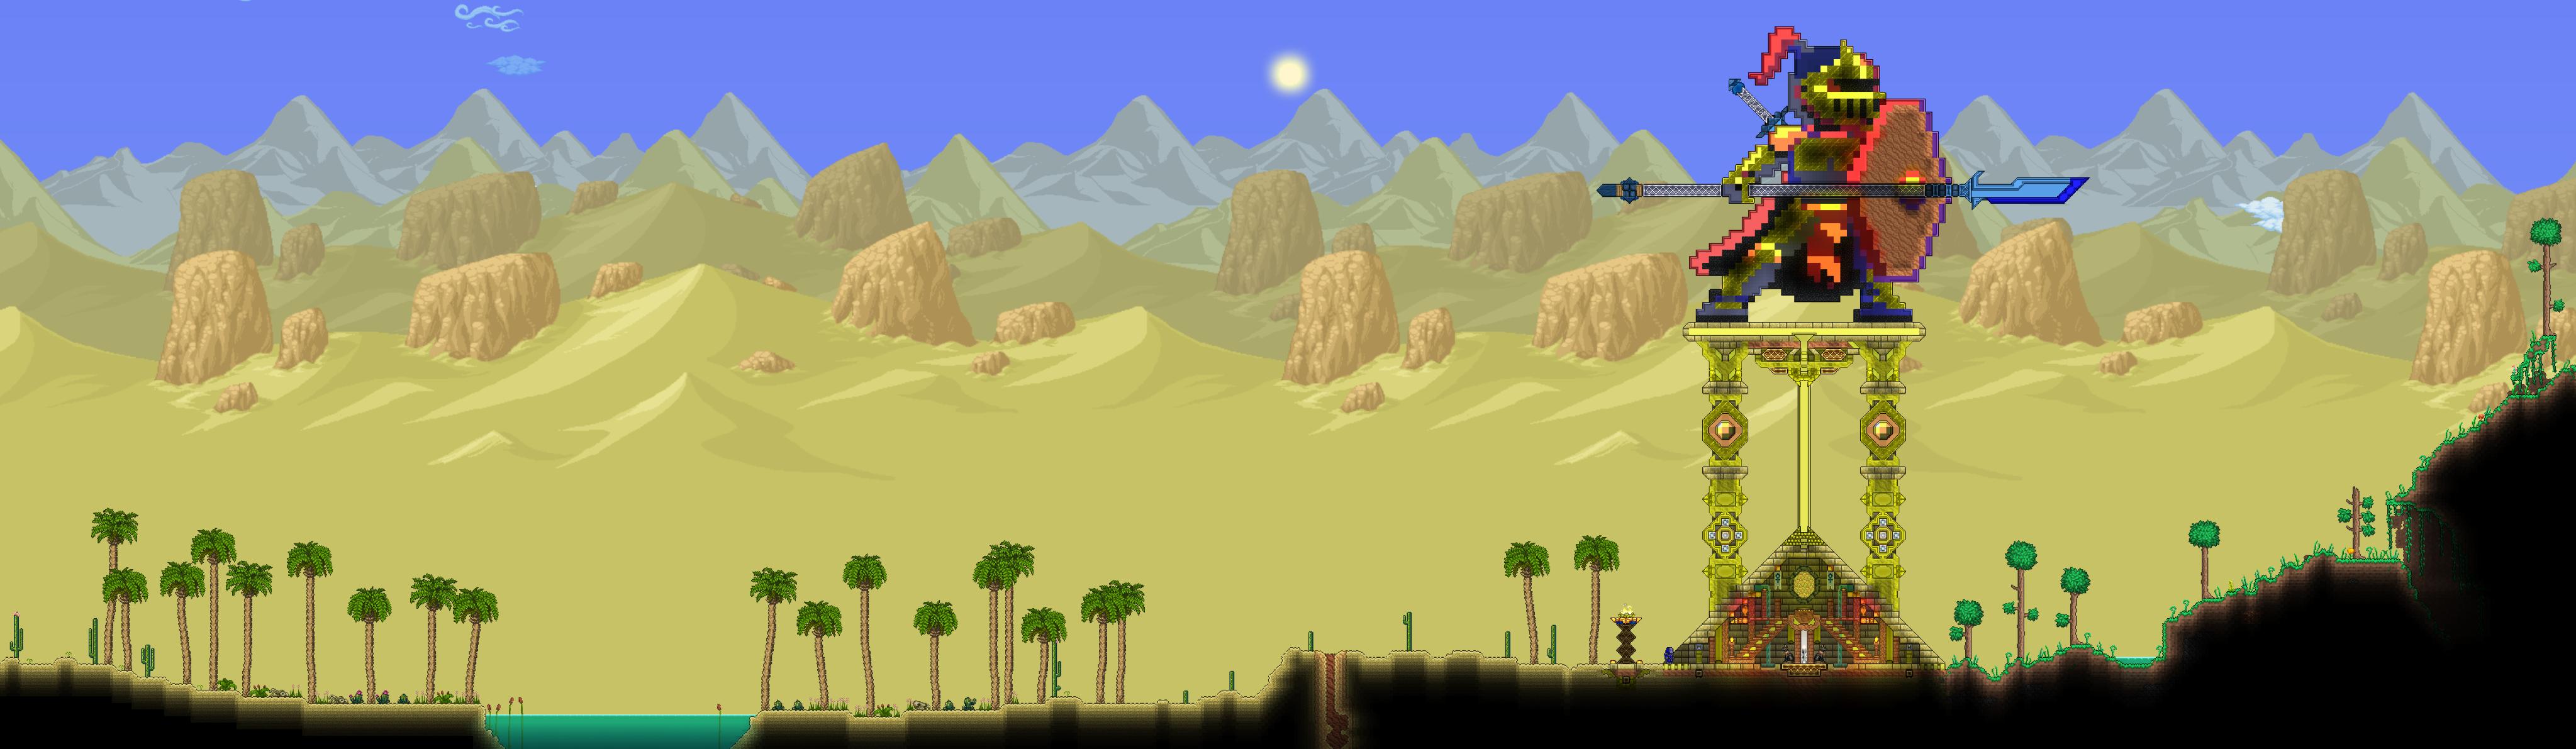 06.11 PixelGaurdians p1 DesertBulwark.png